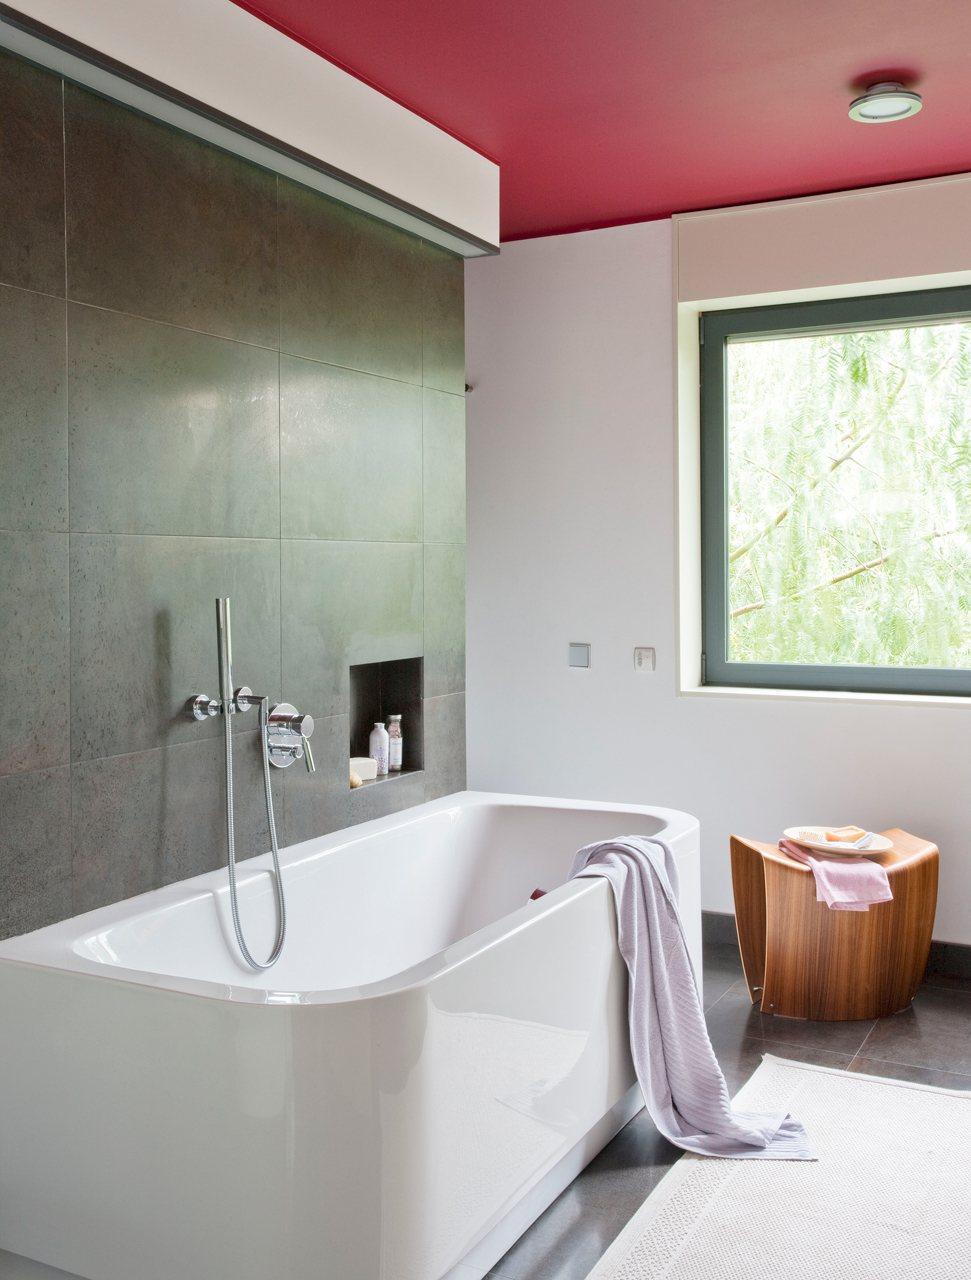 Ba o actual zalo sin gastar mucho - Se puede cambiar el bano de sitio en un piso ...